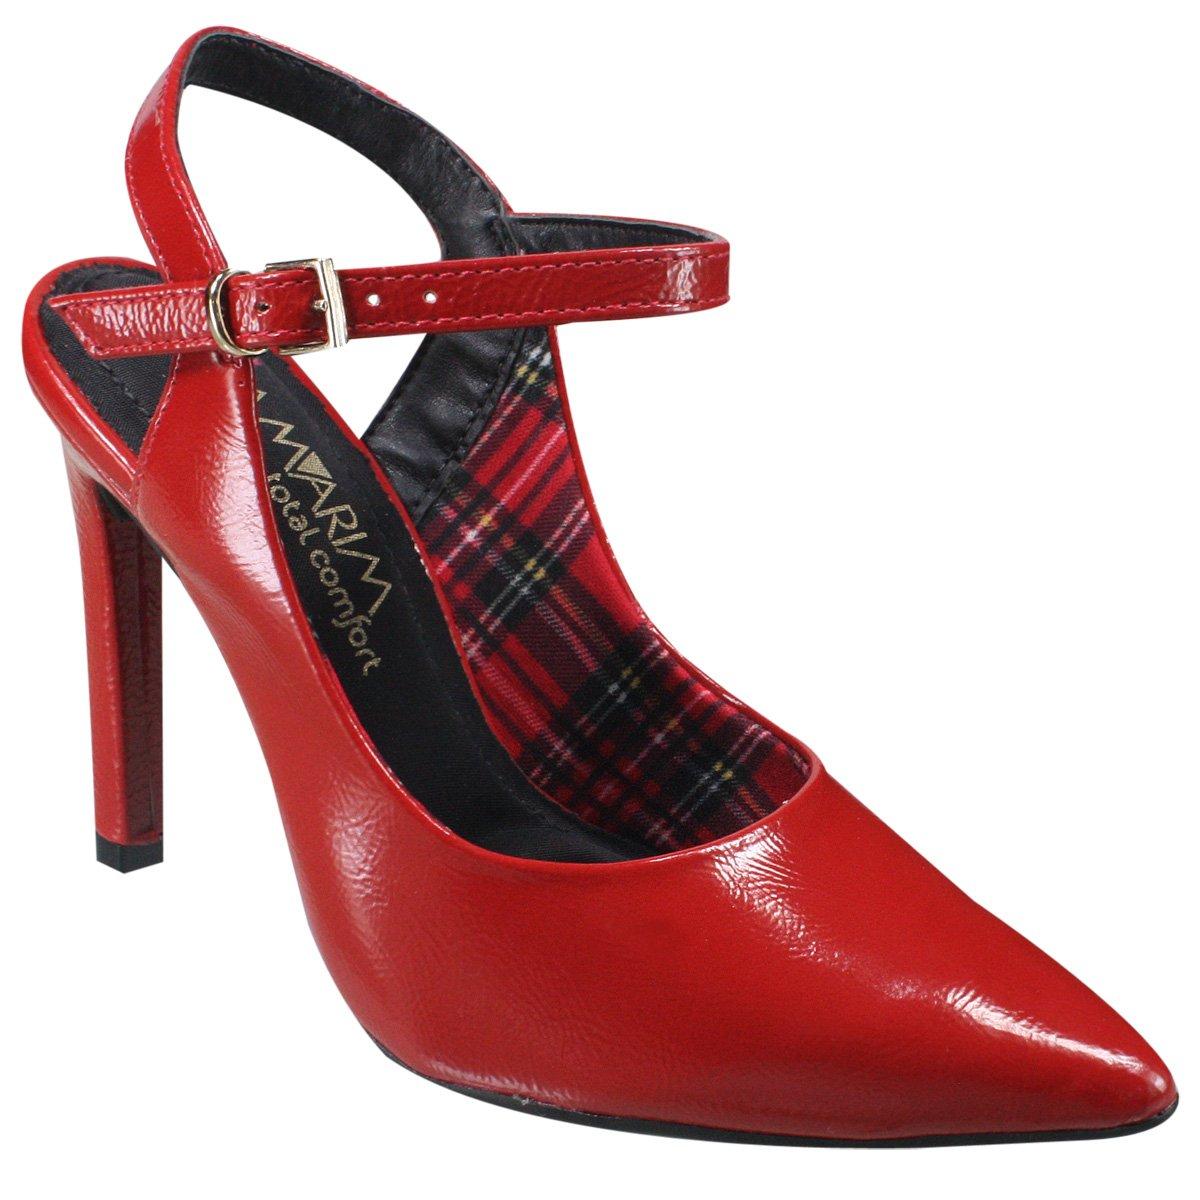 a67be4f938 Passe o mouse para ver detalhes. Amplie a imagem. Sapato Feminino Ramarim  ...